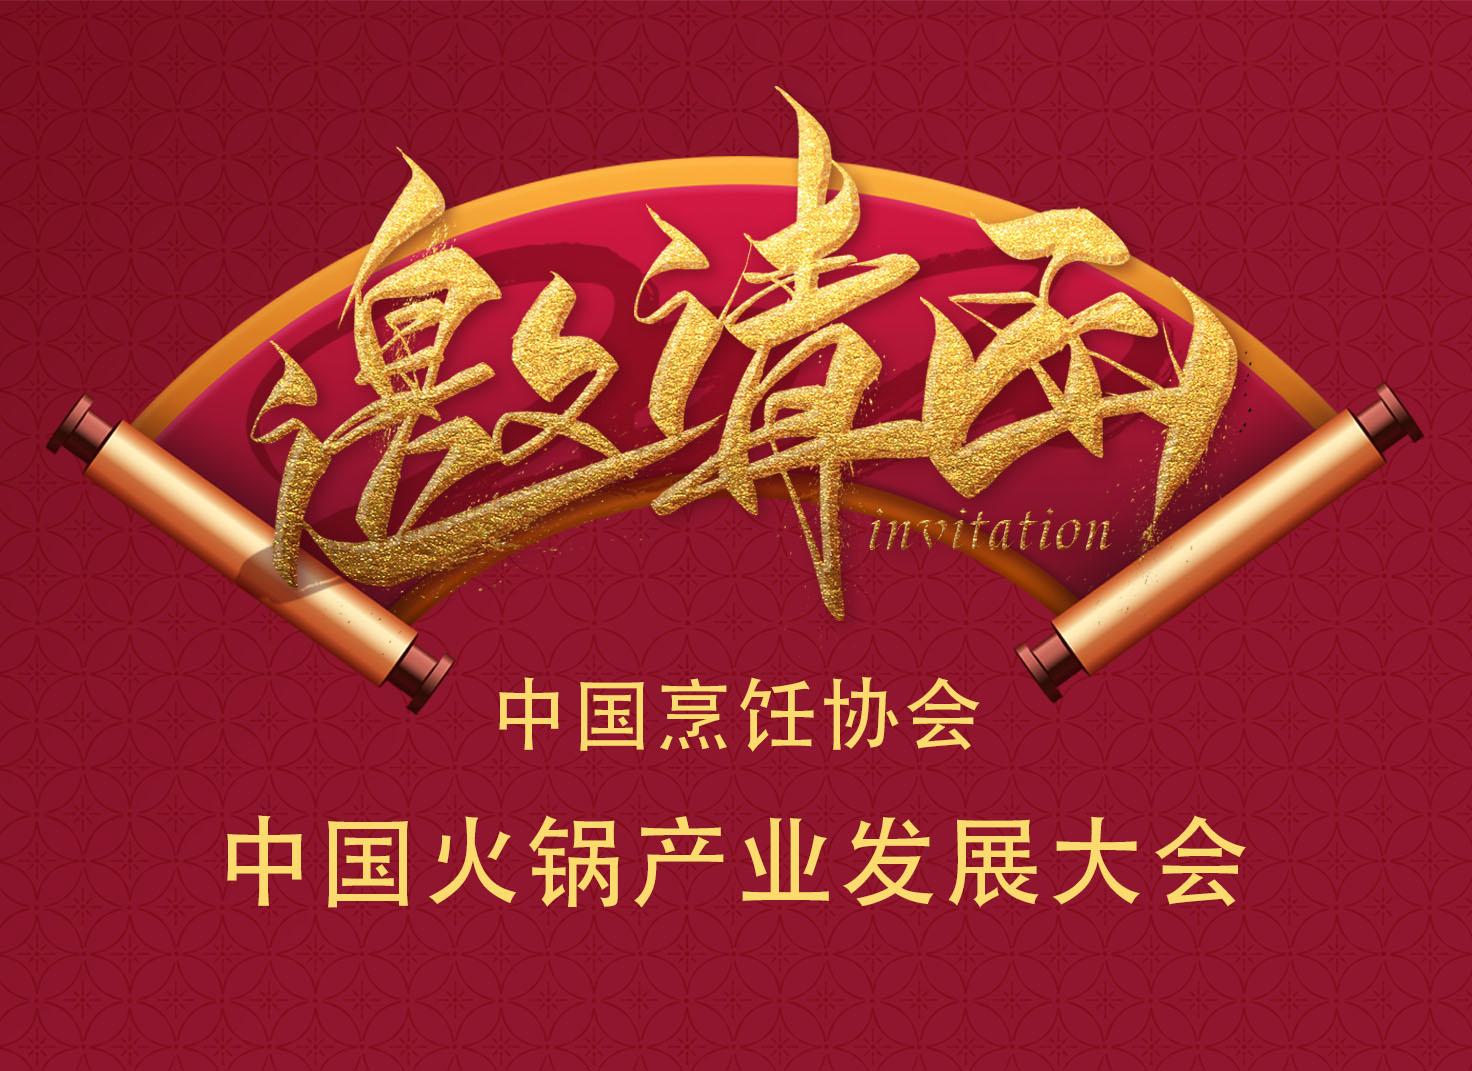 中国火锅产业发展大会邀请函